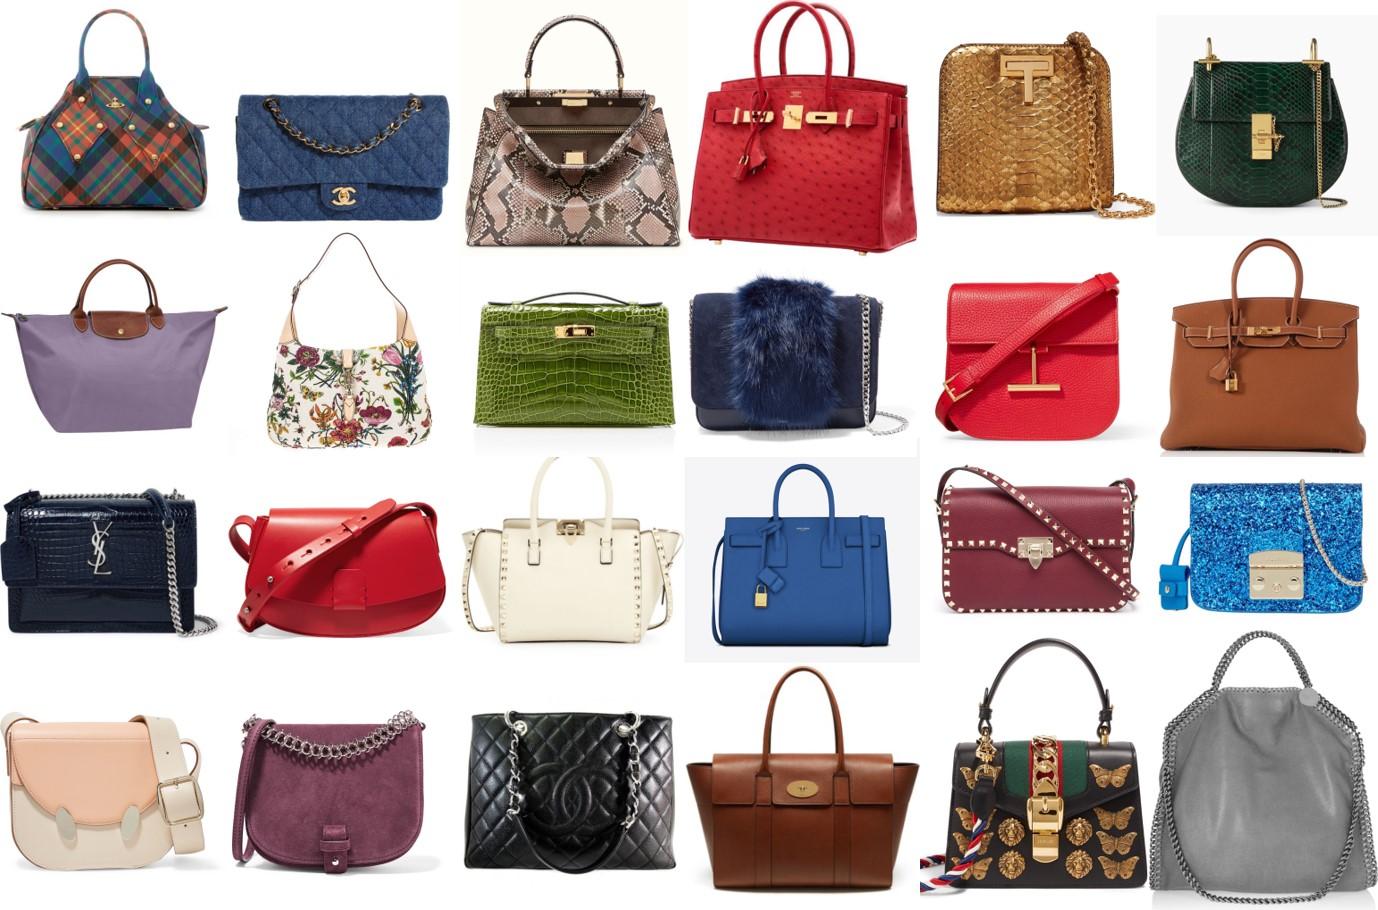 Come scegliere la borsa - (Parte 1)  4678761455f